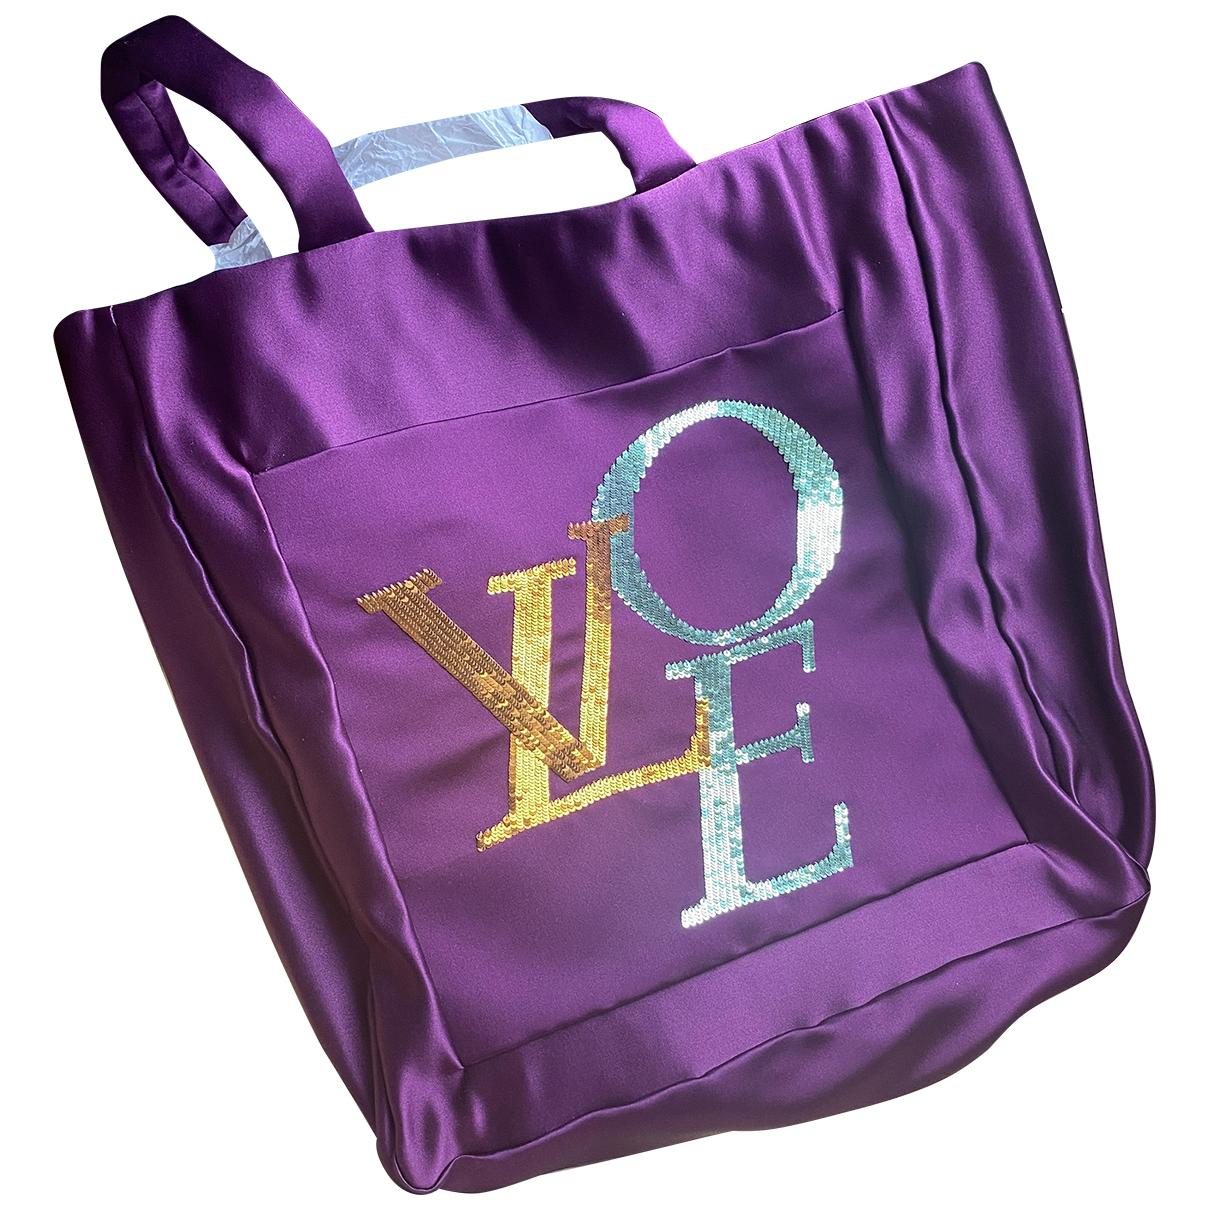 Louis Vuitton \N Purple Cloth handbag for Women \N